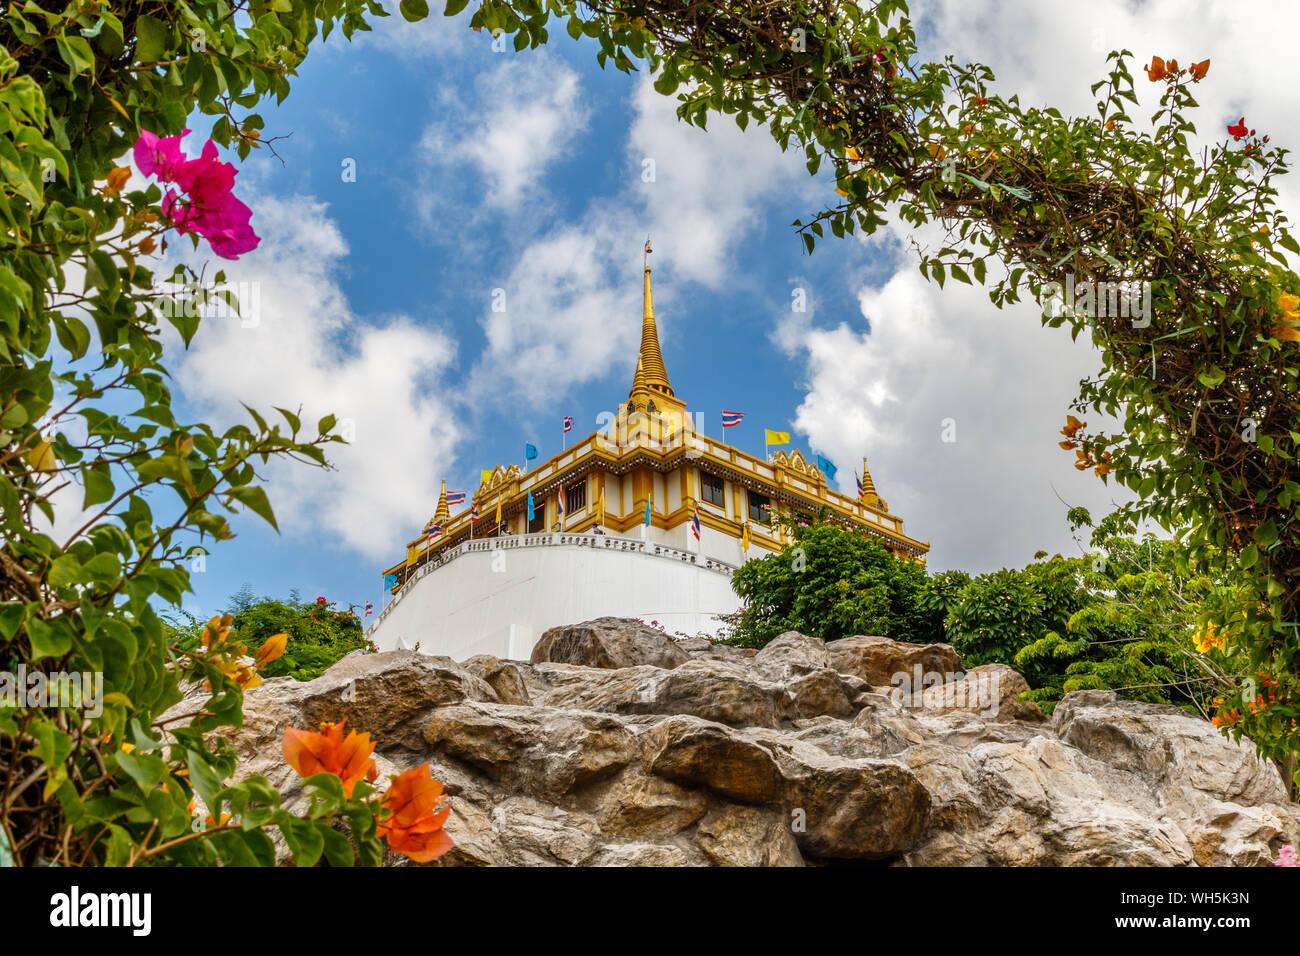 Wat Saket Ratcha Wora Maha Wihan or Golden Mountain, Buddhist temple (wat). Bangkok, Thailand. Stock Photo